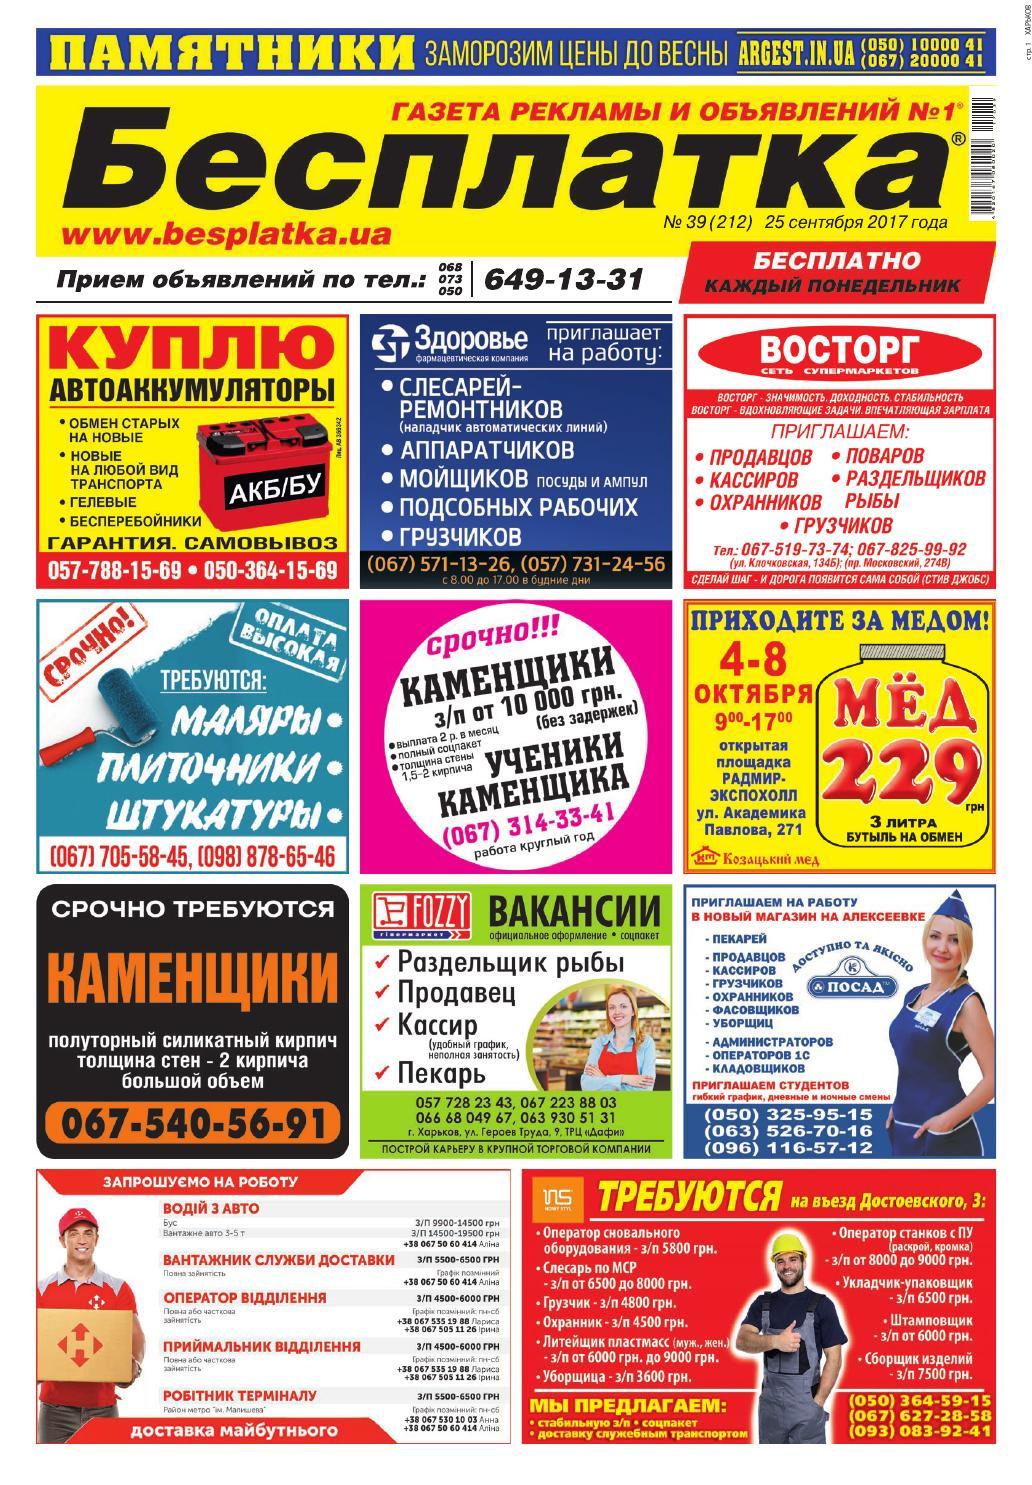 Besplatka  39 Харьков by besplatka ukraine - issuu 5c93e8db44aaa